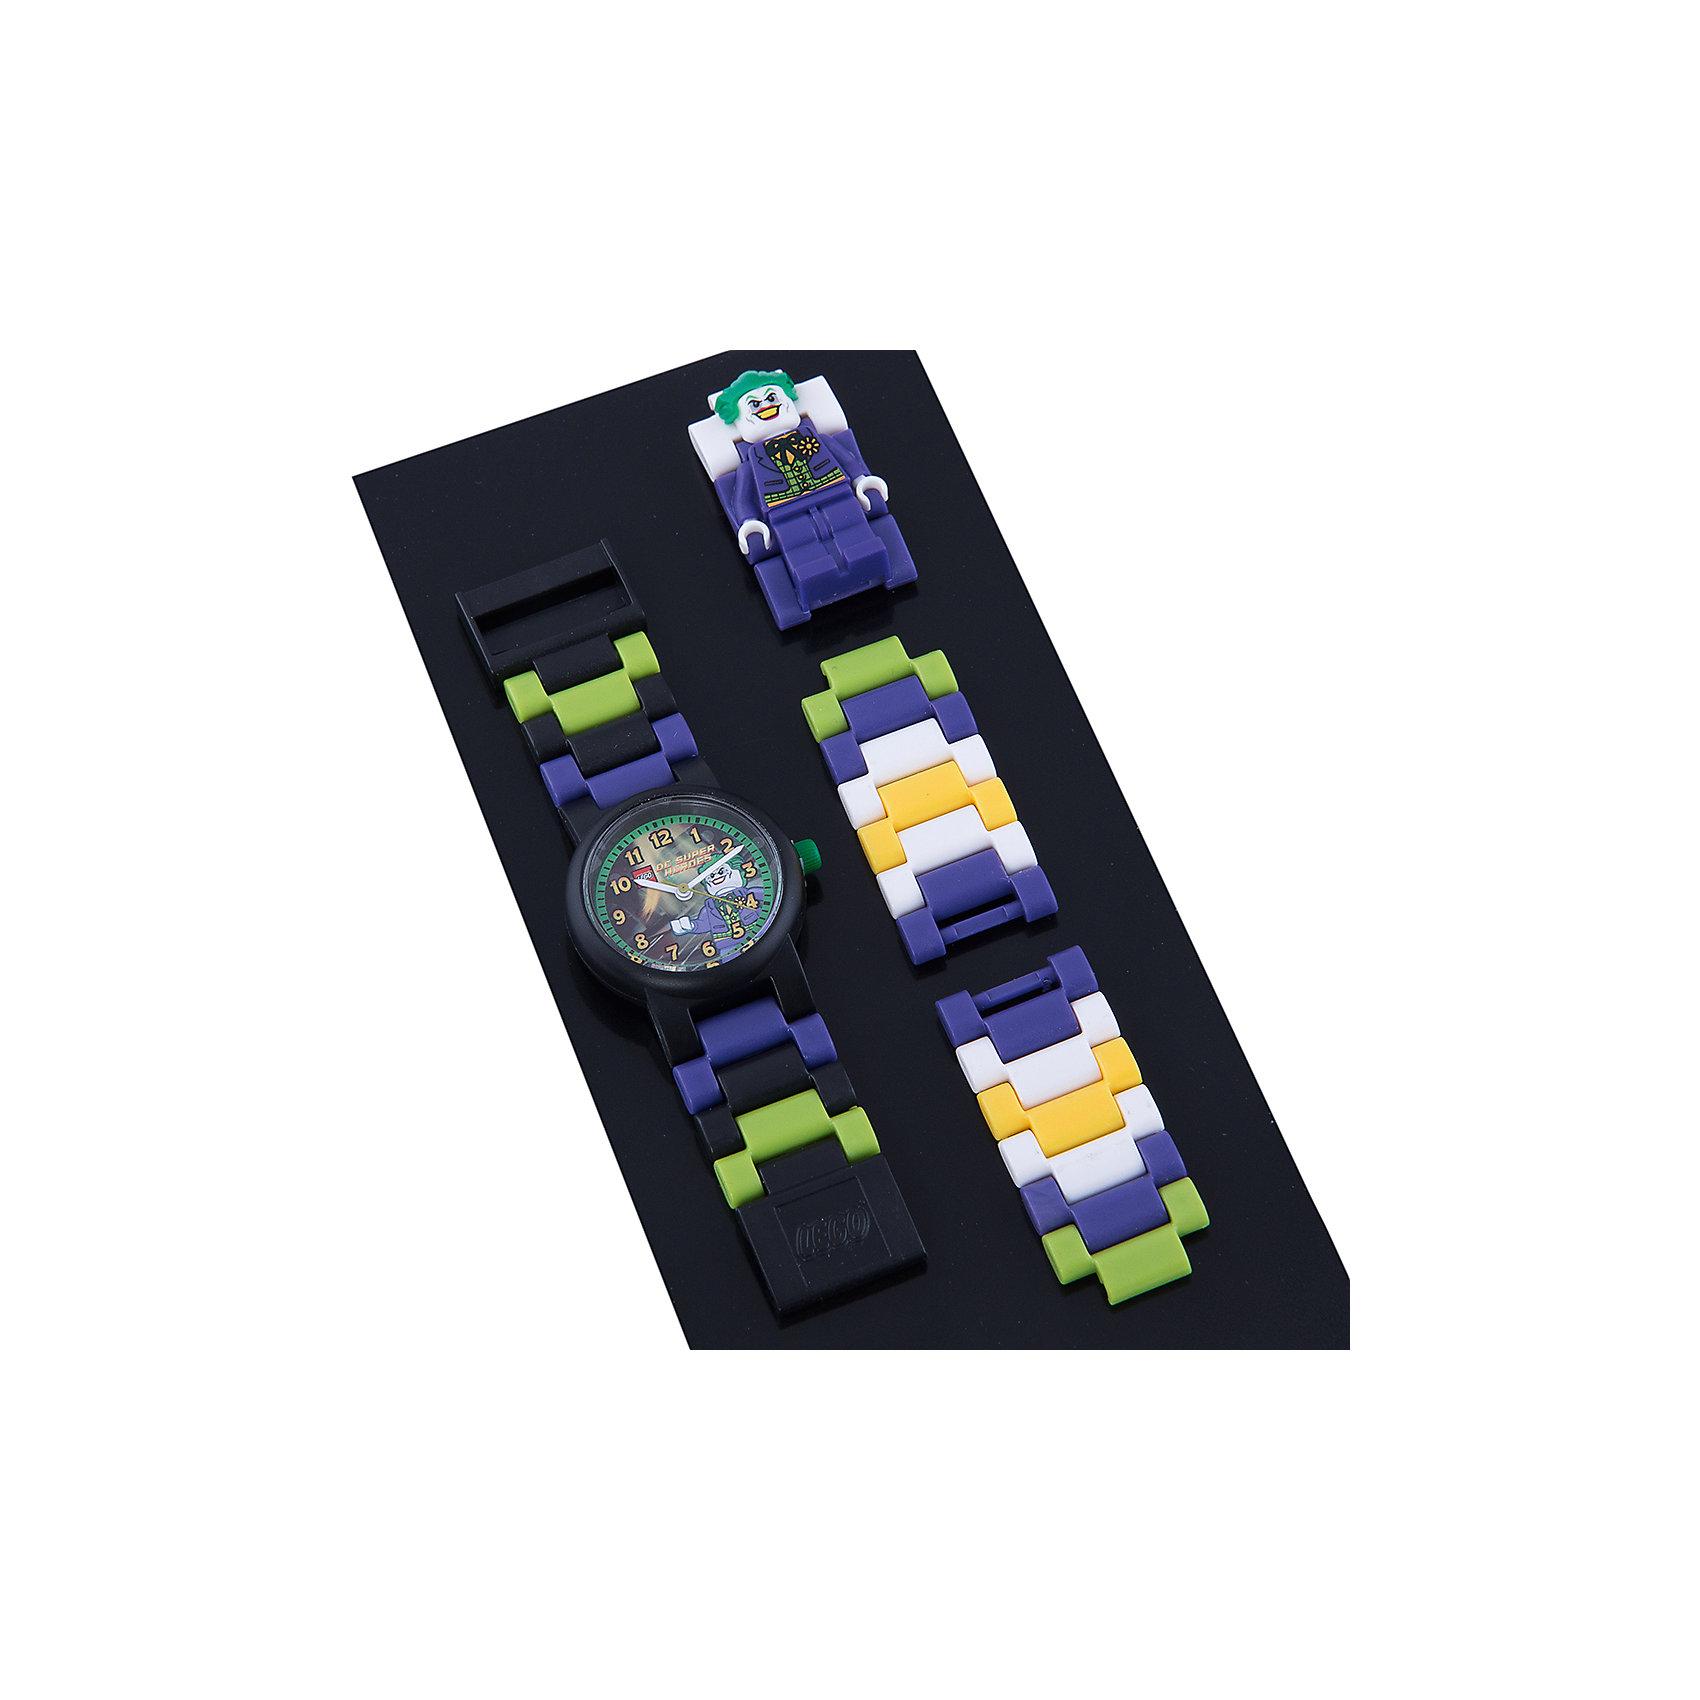 Часы наручные LEGOНаручные аналоговые часы LEGO имеют высококачественный японский кварцевый механизм и отличаются надежностью и точностью хода. Они способны выдержать статическое давление 50-метрового водяного столба (5 атмосфер). Такая водонепроницаемость позволяет работать с водой в часах. Нельзя использовать для ныряния, прыжков в воду, виндсерфинга и т.п. Линза часов имеет высокую устойчивость к царапинам, поэтому их может носить даже самый неугомонный и неаккуратный мальчишка. Пластиковые браслеты имеют прочный механизм сцепления, а сменные секции позволяют удлинить или укоротить браслет. В составе часов не содержится никеля и ПВХ. Фирменные наручные часы от компании LEGO станут замечательным подарком любому любителю и фанату конструкторов.<br>Характеристики:<br>Диаметр циферблата наручных часов: 2,5 см. <br>Длина ремешка наручных часов (с учетом корпуса): 21 см. <br>Ширина ремешка: 2 см. <br>Количество деталей: 24.<br>Материал: пластик, металл, стекло. <br>Размер упаковки: 8,0х2,0х 16,5 см. <br>Вес: 0,06 кг<br>Изготовитель: Китай.<br>Рекомендуемый возраст: от 6 лет.<br><br>Ширина мм: 170<br>Глубина мм: 157<br>Высота мм: 67<br>Вес г: 117<br>Возраст от месяцев: 36<br>Возраст до месяцев: 2147483647<br>Пол: Мужской<br>Возраст: Детский<br>SKU: 4424071